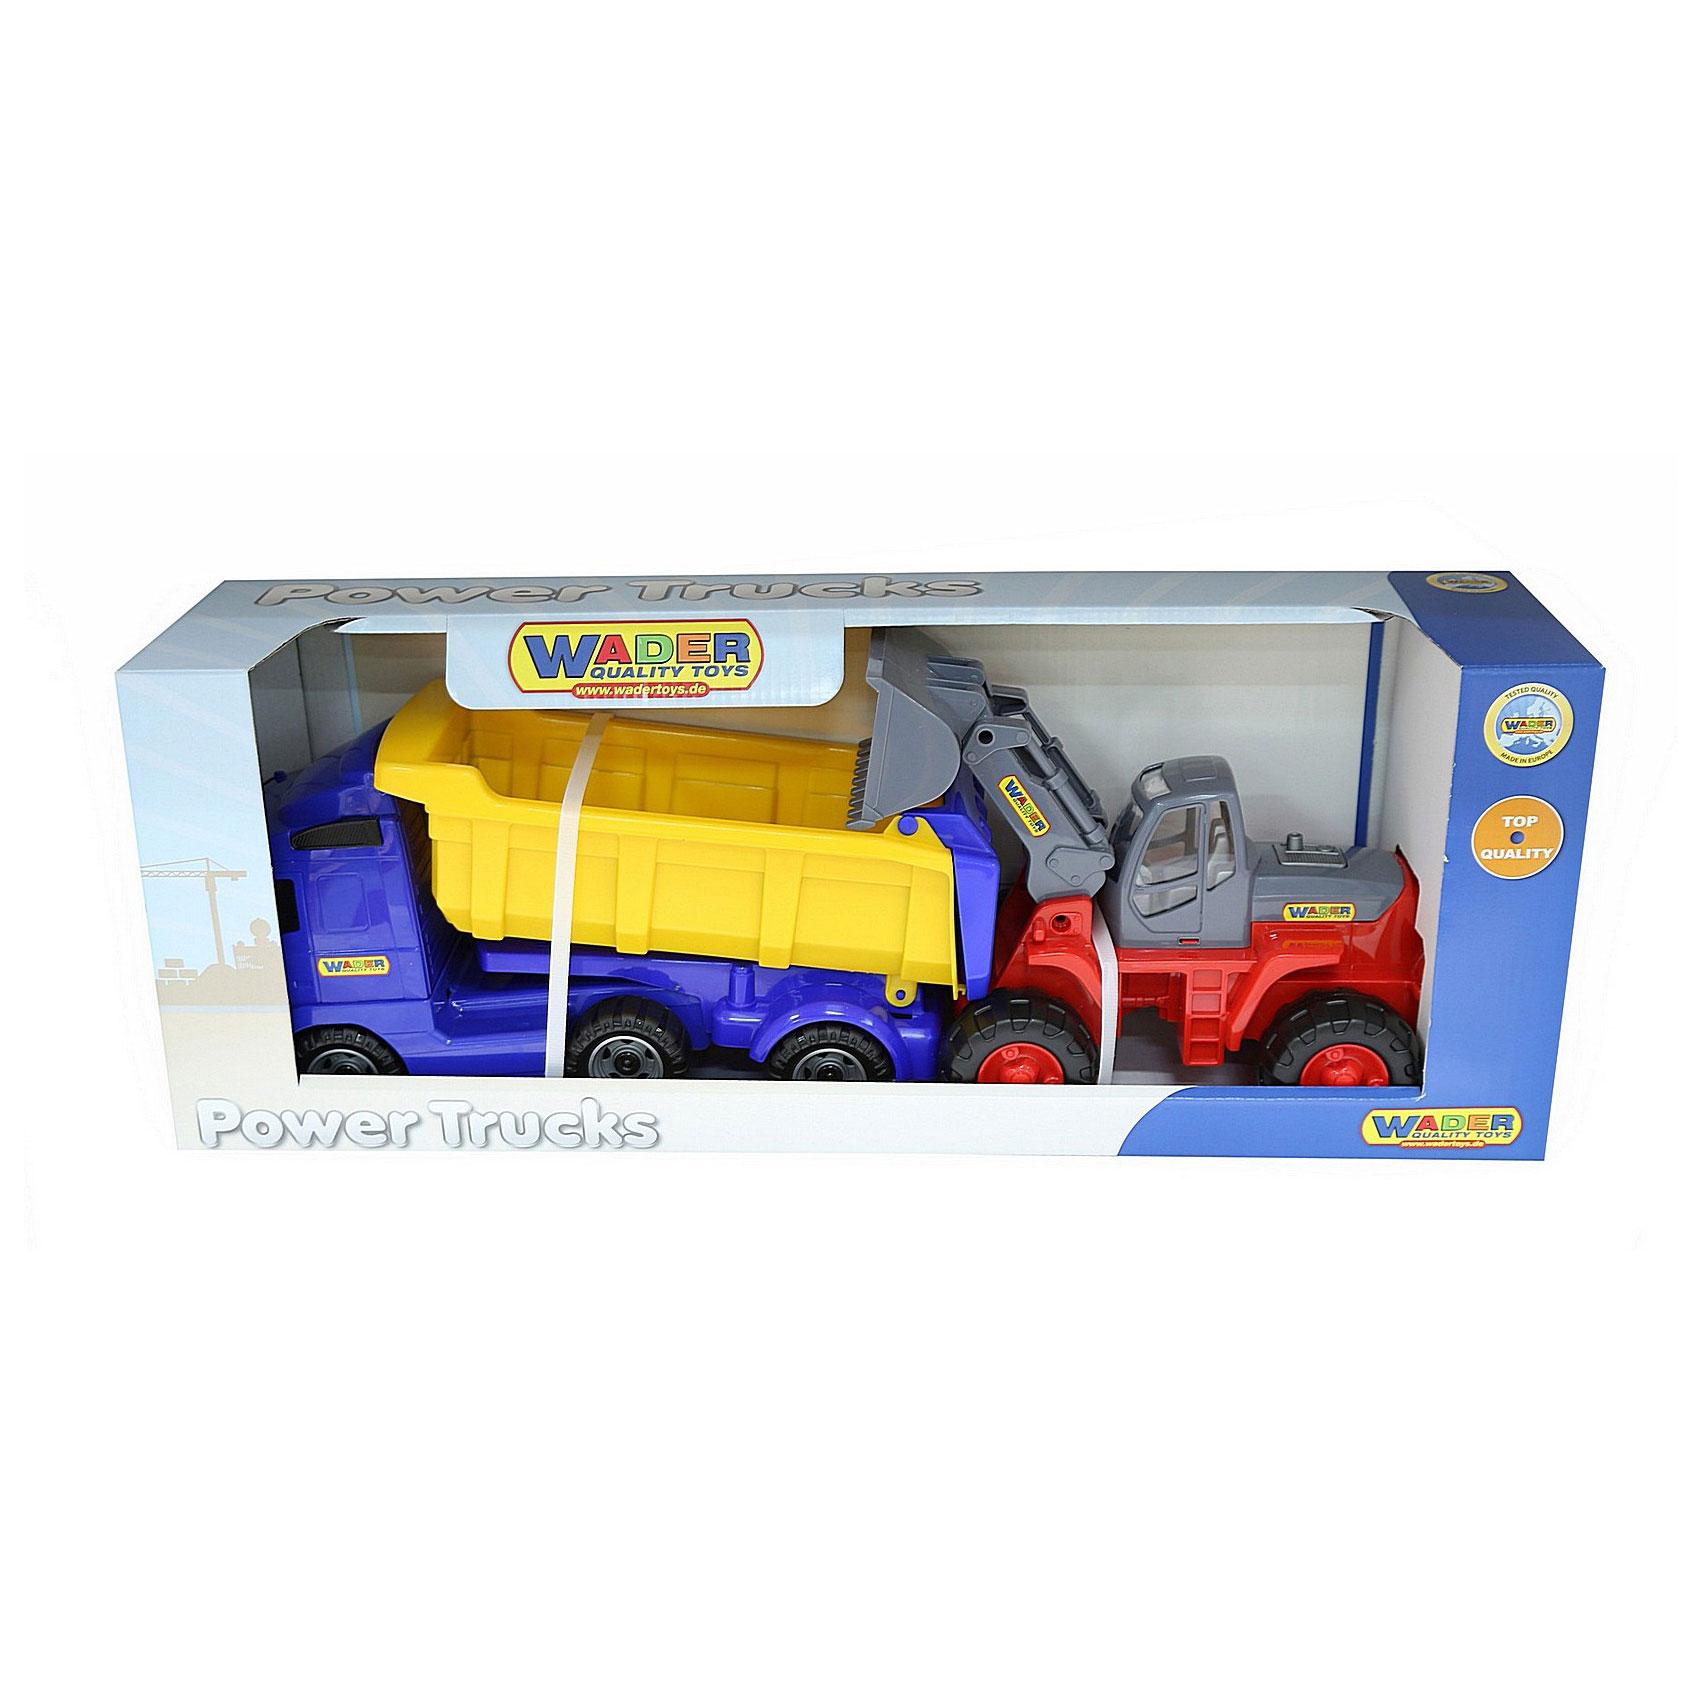 Автомобиль-самосвал Wader С полуприцепом трактор-погрузчик в коробке 0384<br>